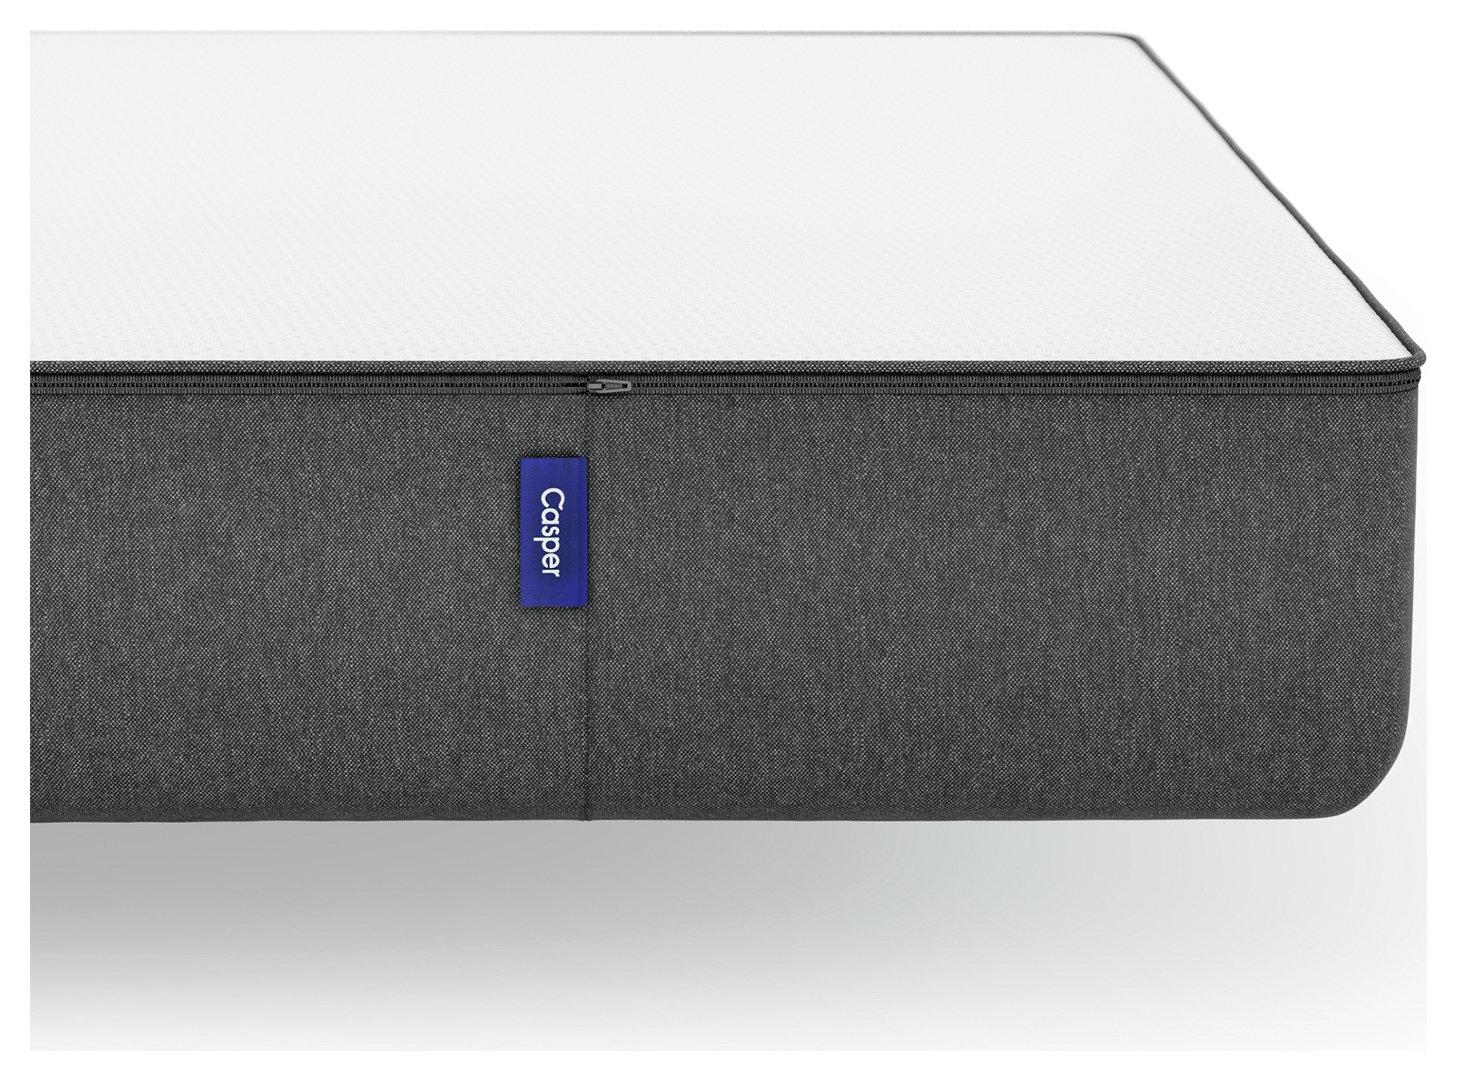 Casper Original Double Mattress review